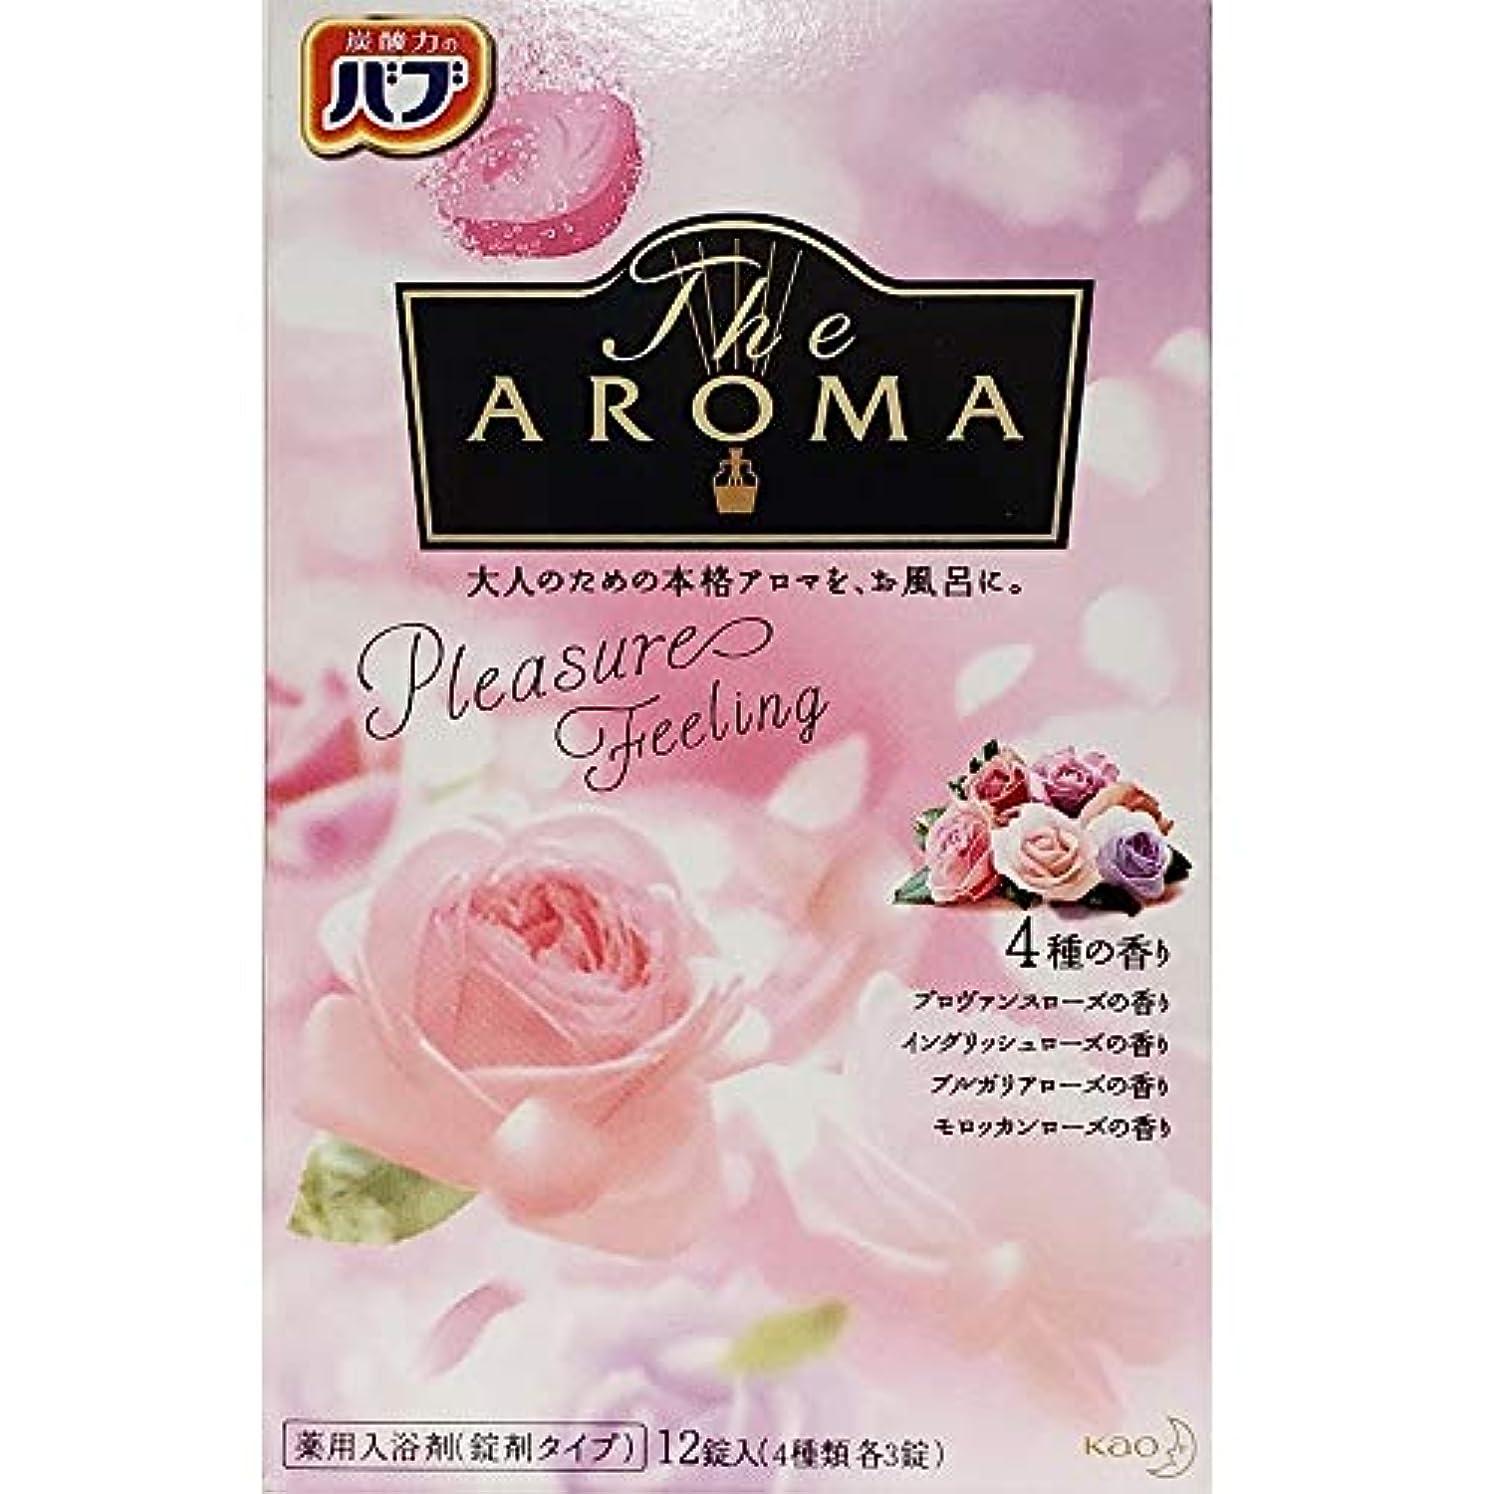 ソーダ水共産主義者セントバブ The Aroma Pleasure Feeling 40g×12錠(4種類 各3錠) 医薬部外品